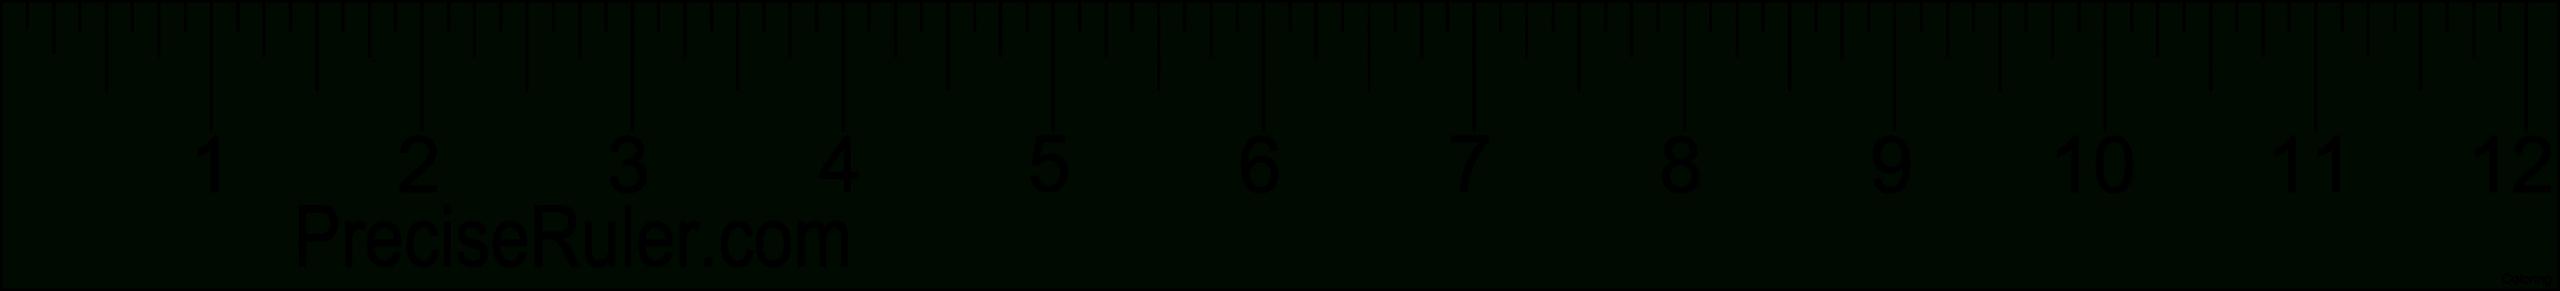 Centimeter Ruler Clipart